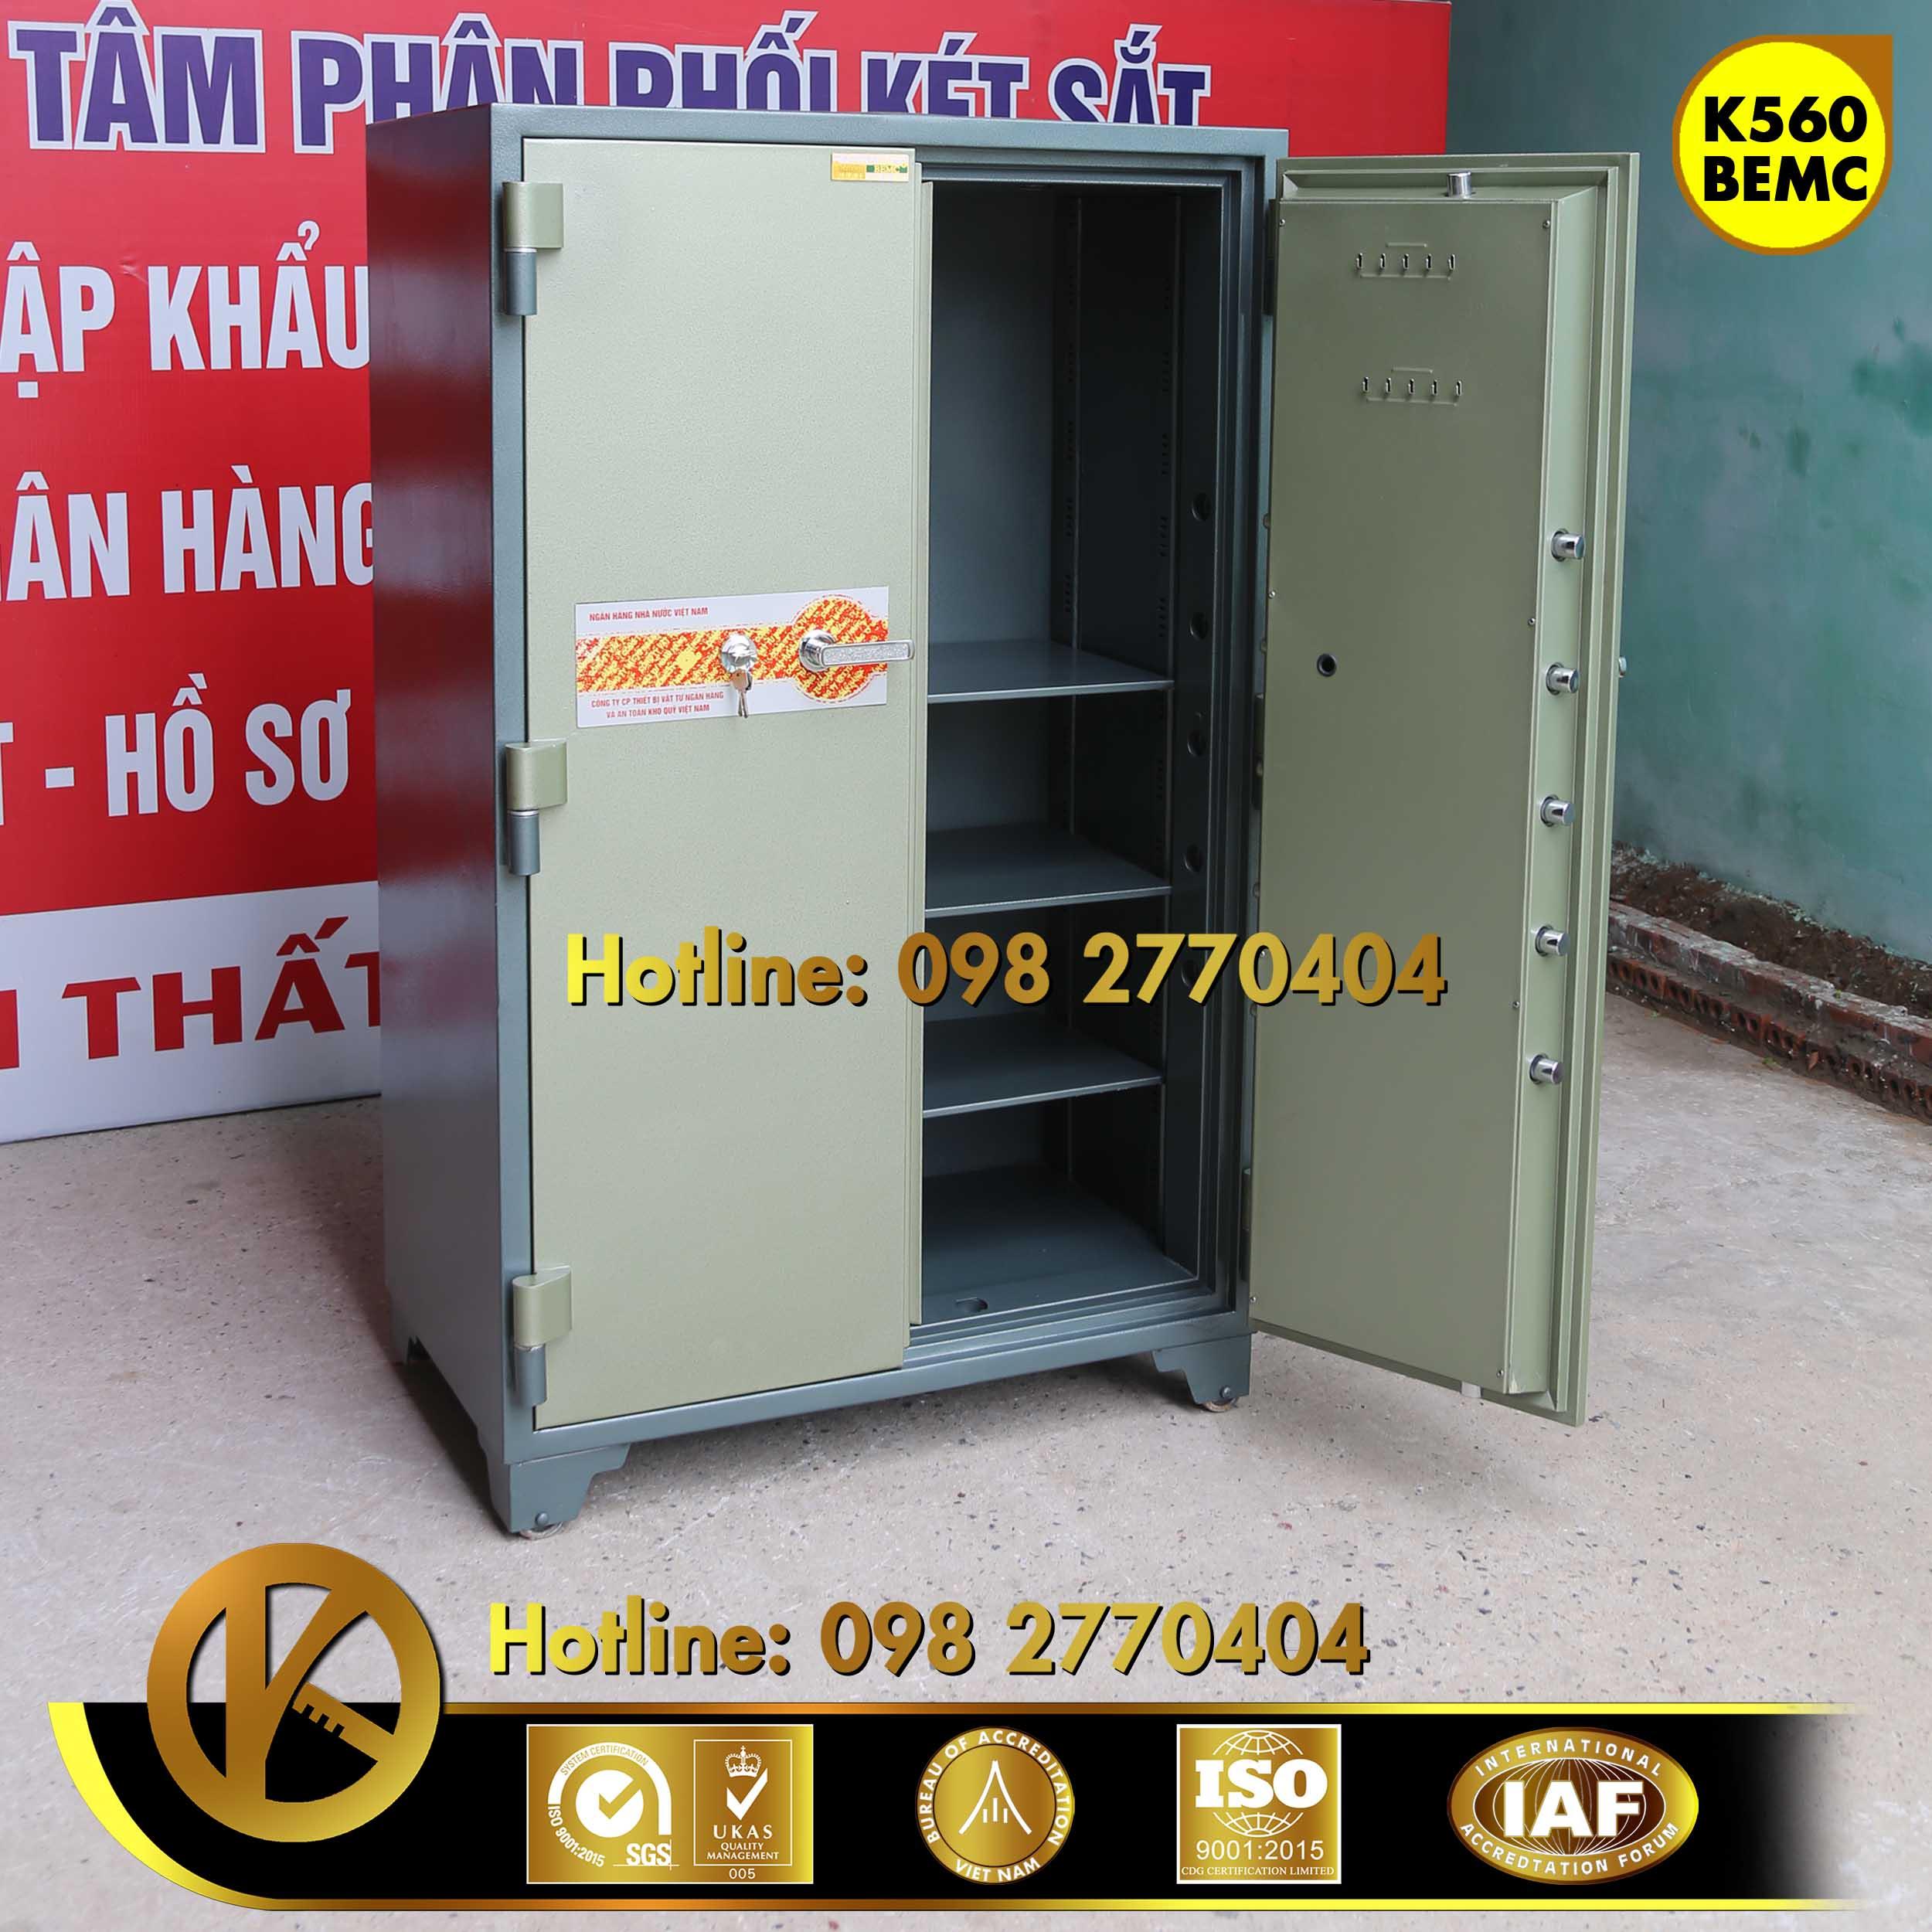 đặc điểm sản phẩm Két Sắt Ngân Hàng BEMC K560 Khoá Vân Tay